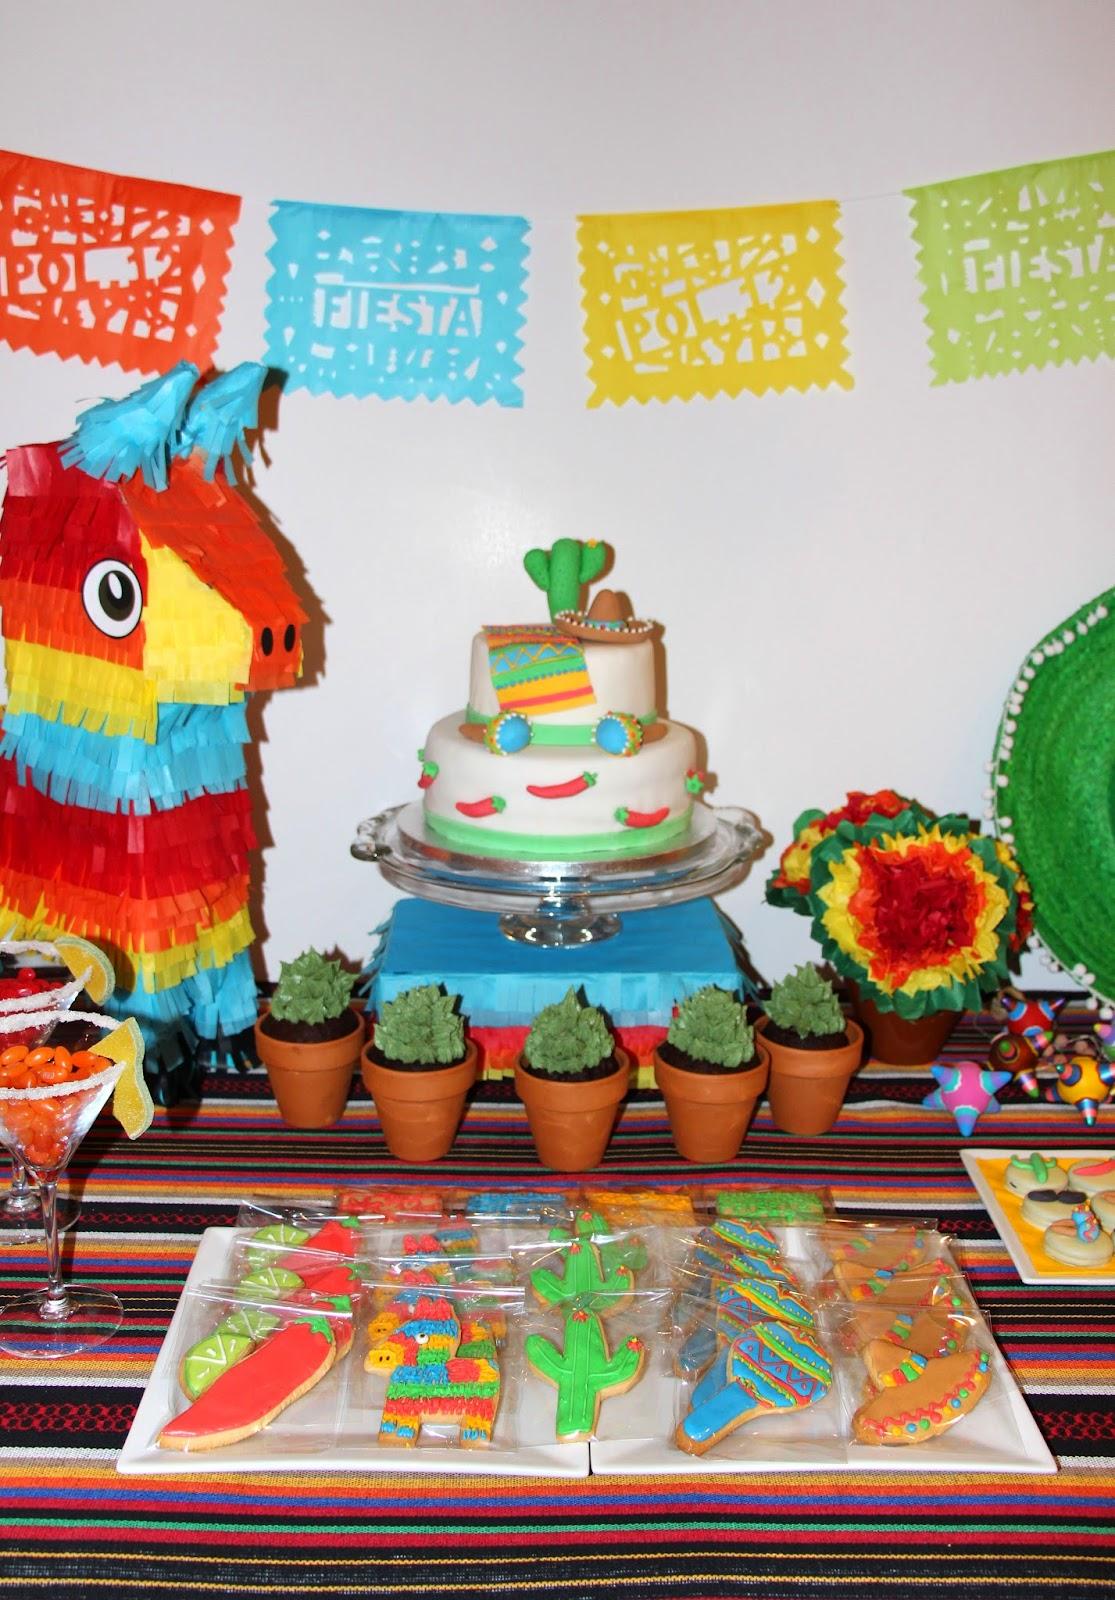 Mardefiesta fiesta mexicana - Decoracion mesas fiestas ...